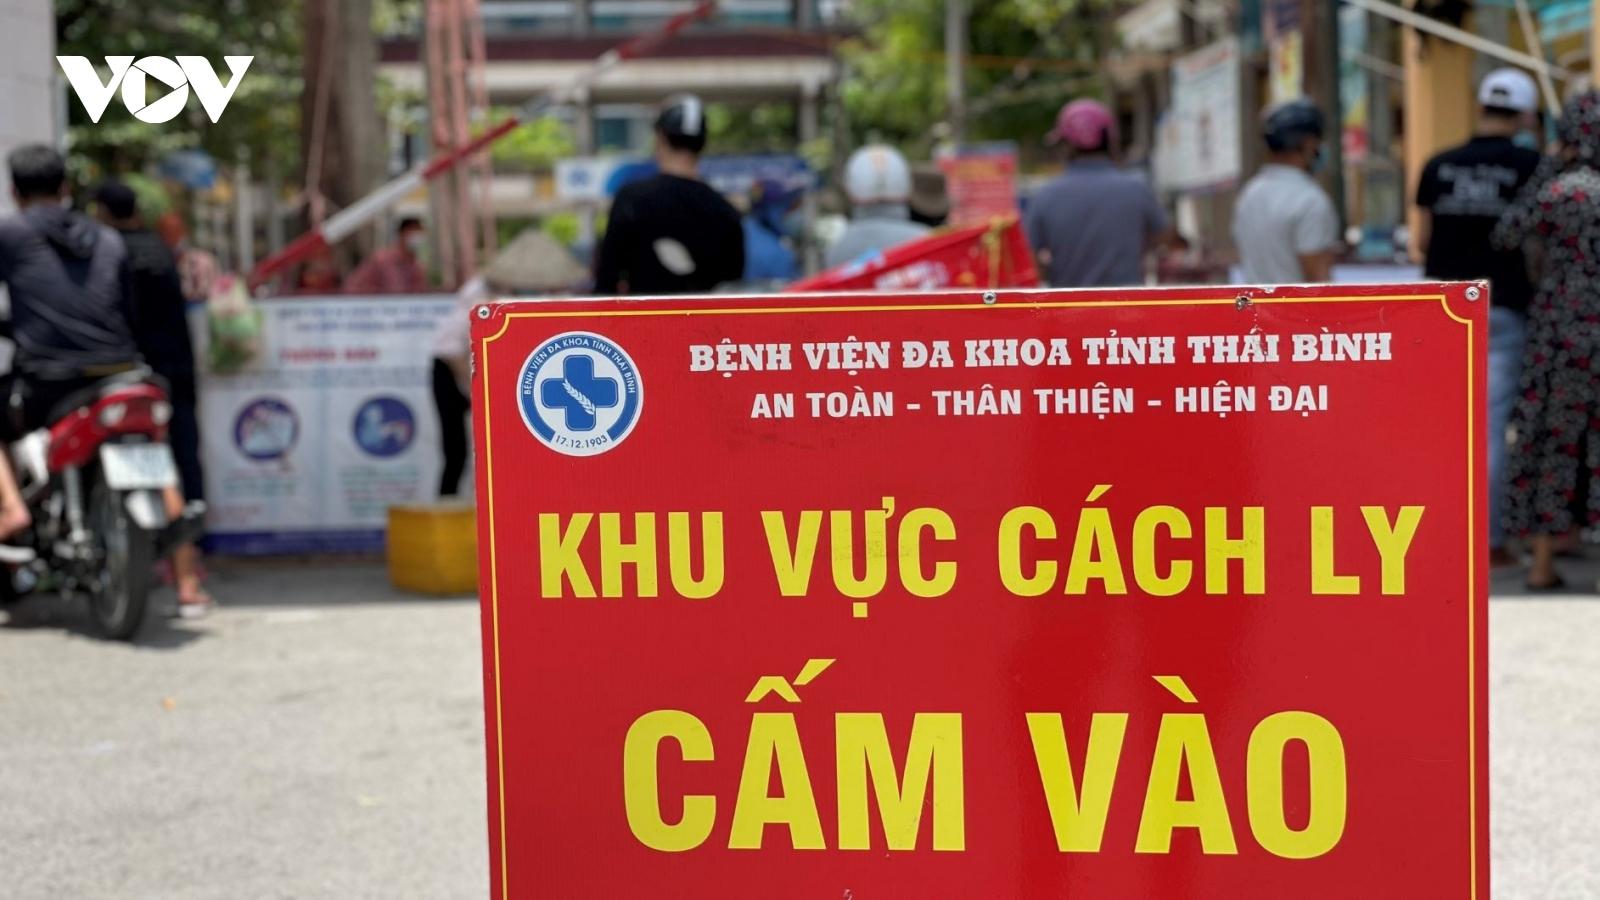 Cận cảnh các điểm cách ly tại Thái Bình